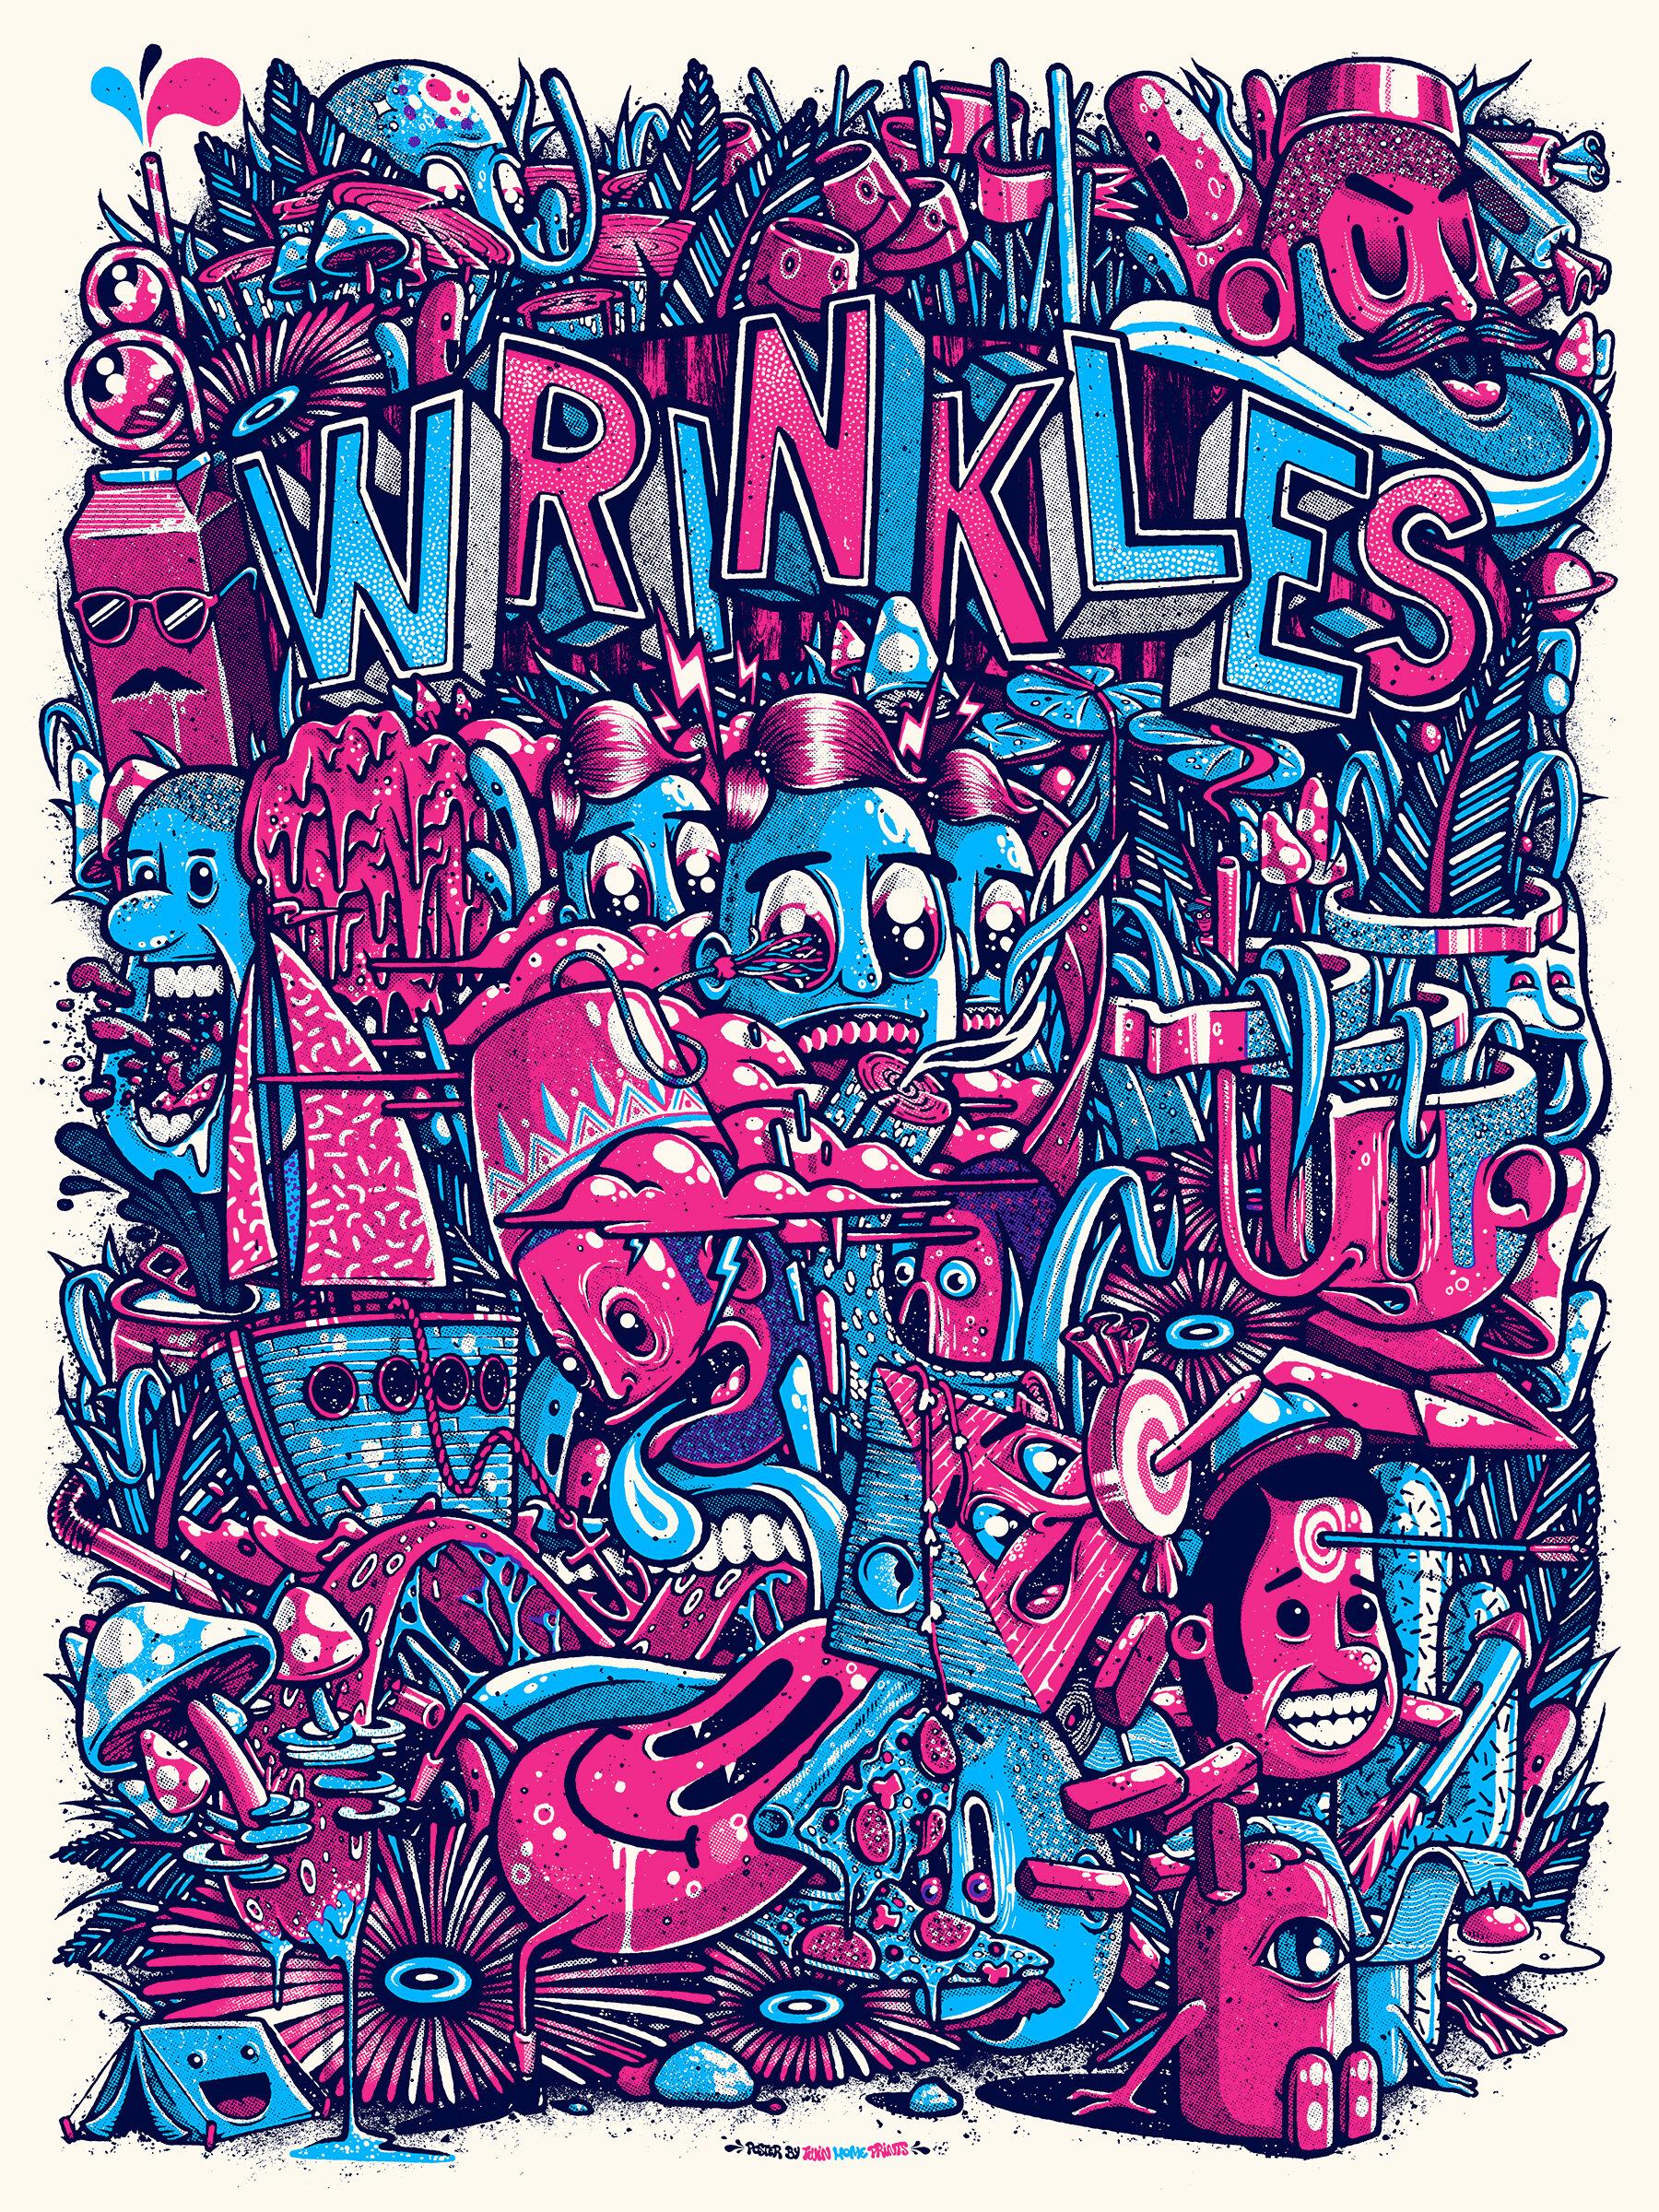 Wrinkles_Sample.jpg